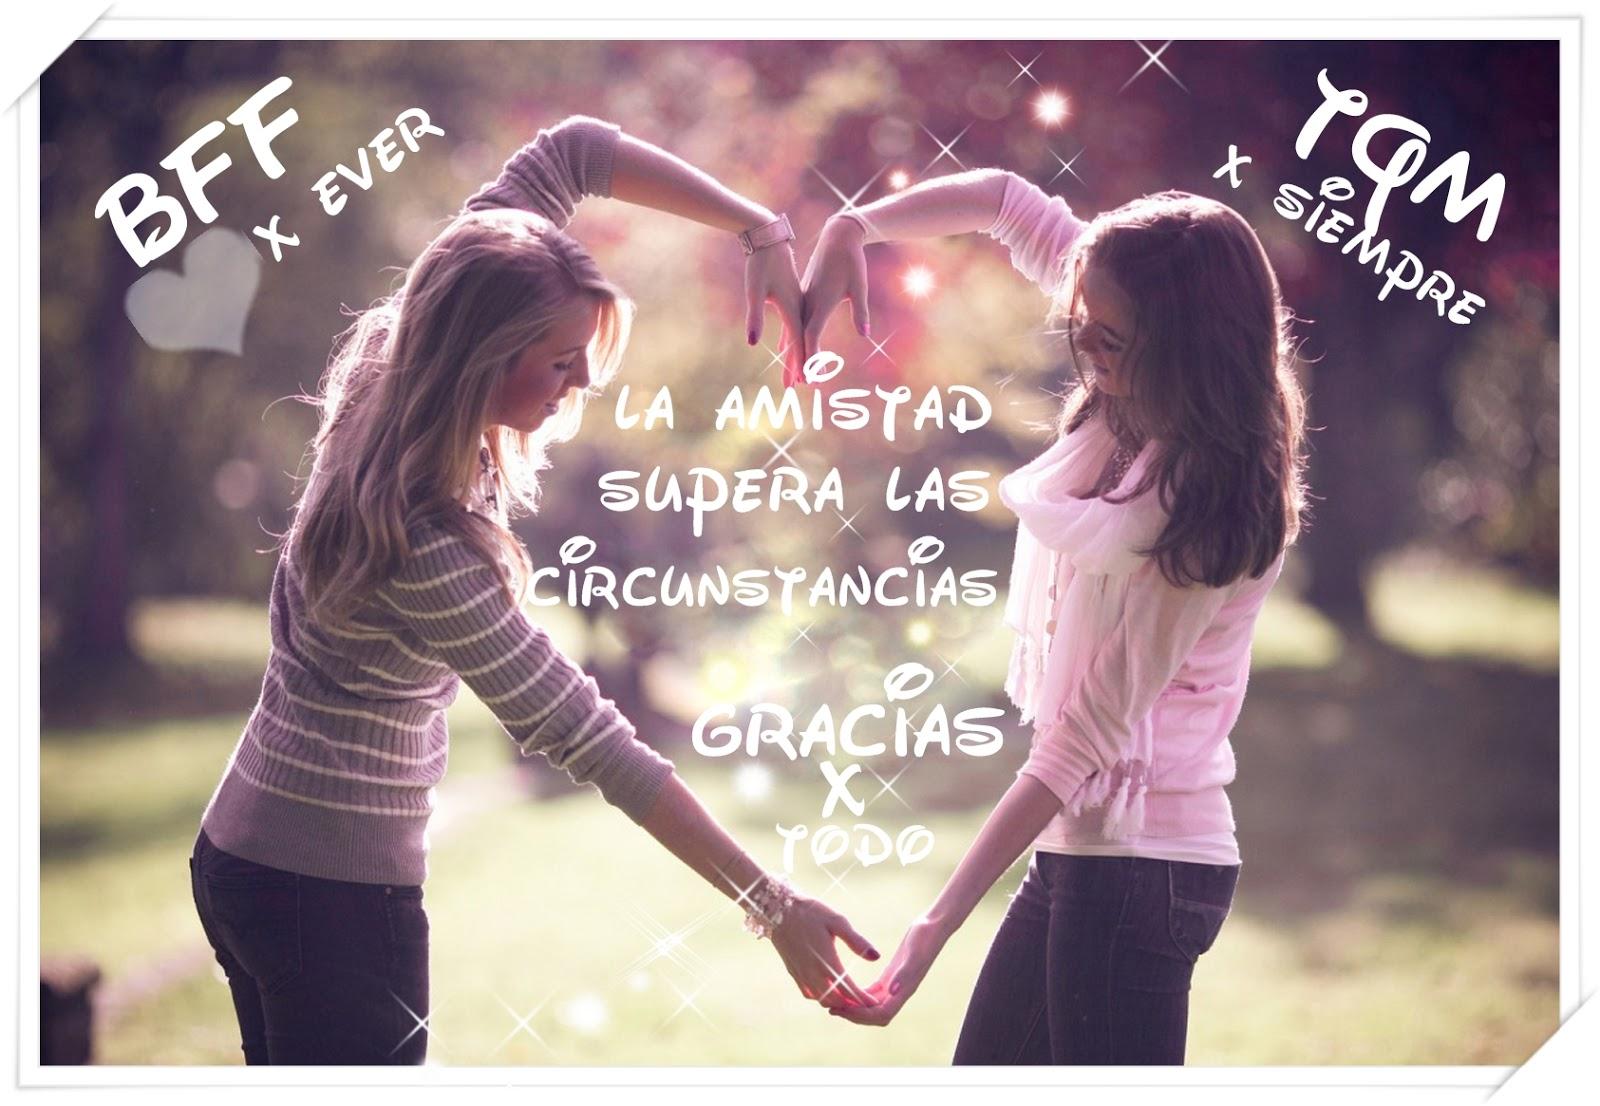 Frases bonitas para día de amor y amistad para san